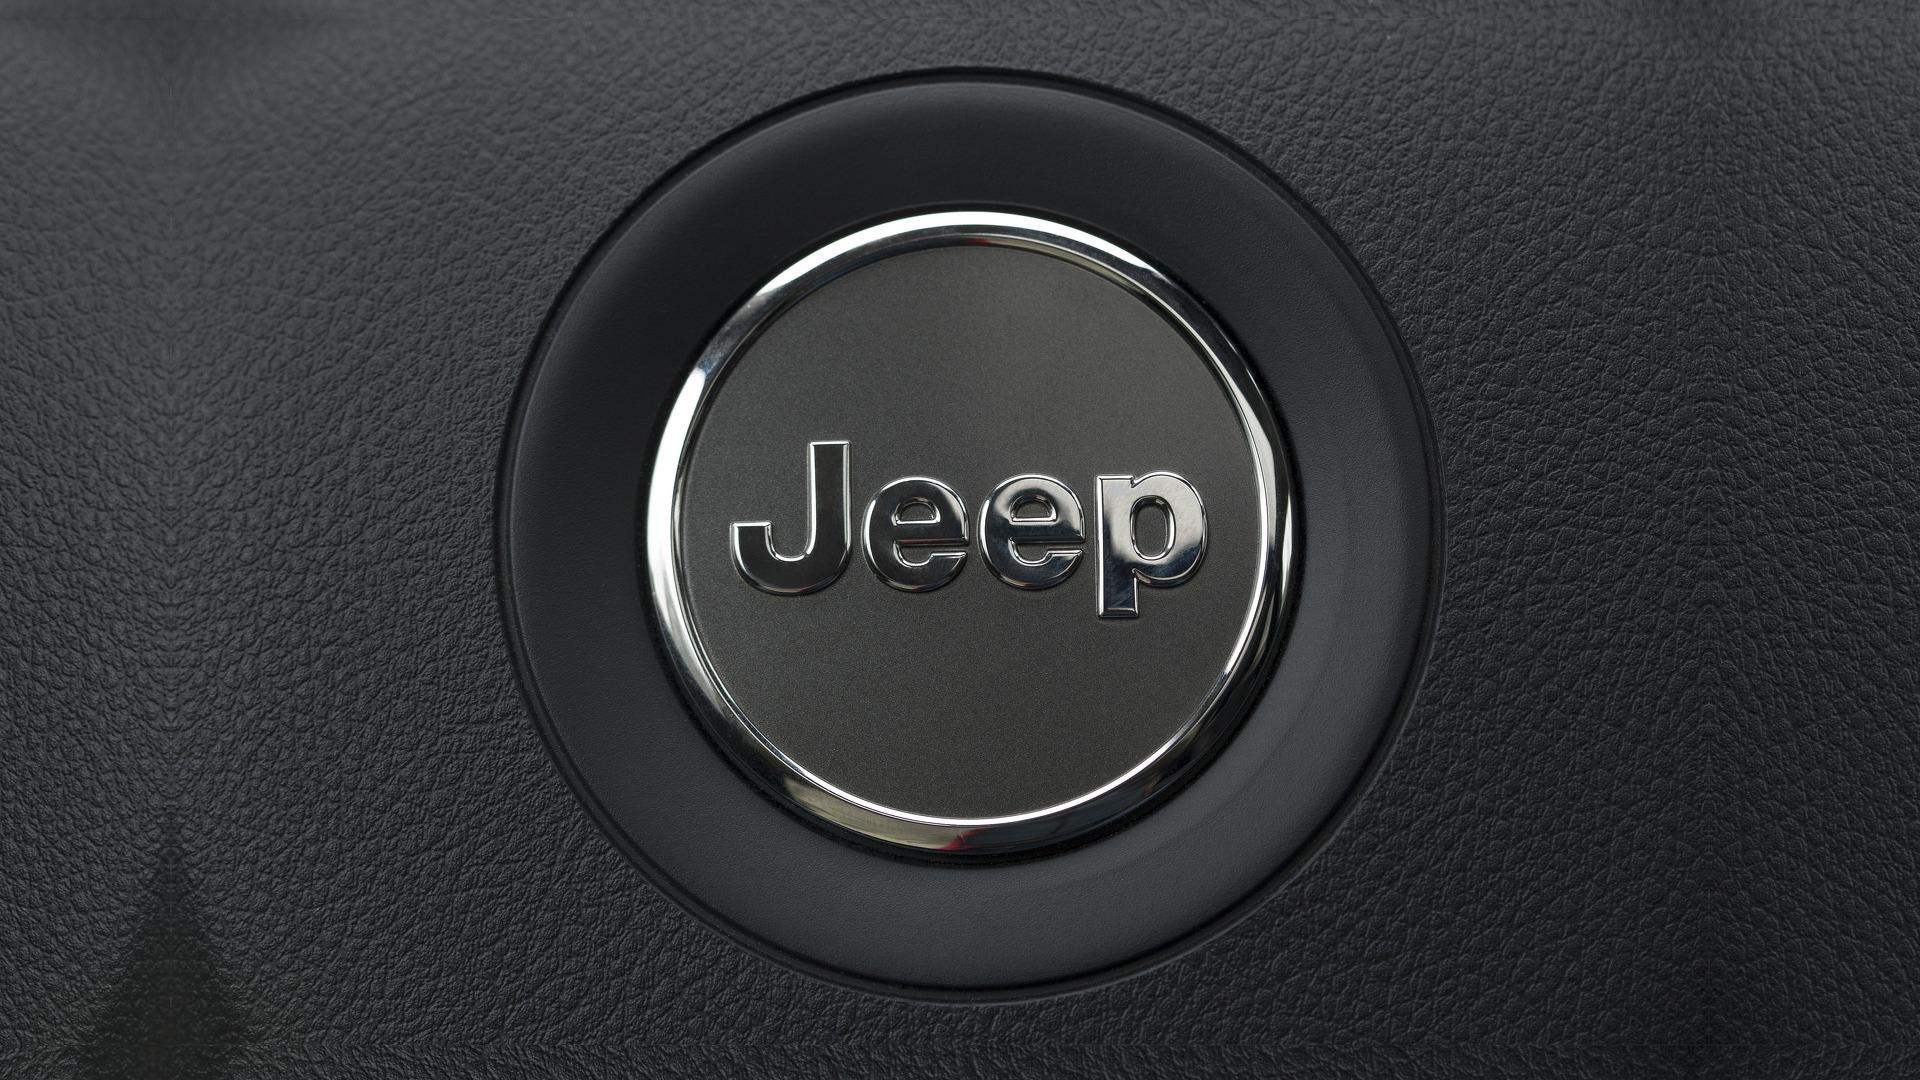 Jeep News And Reviews Motor1 Com